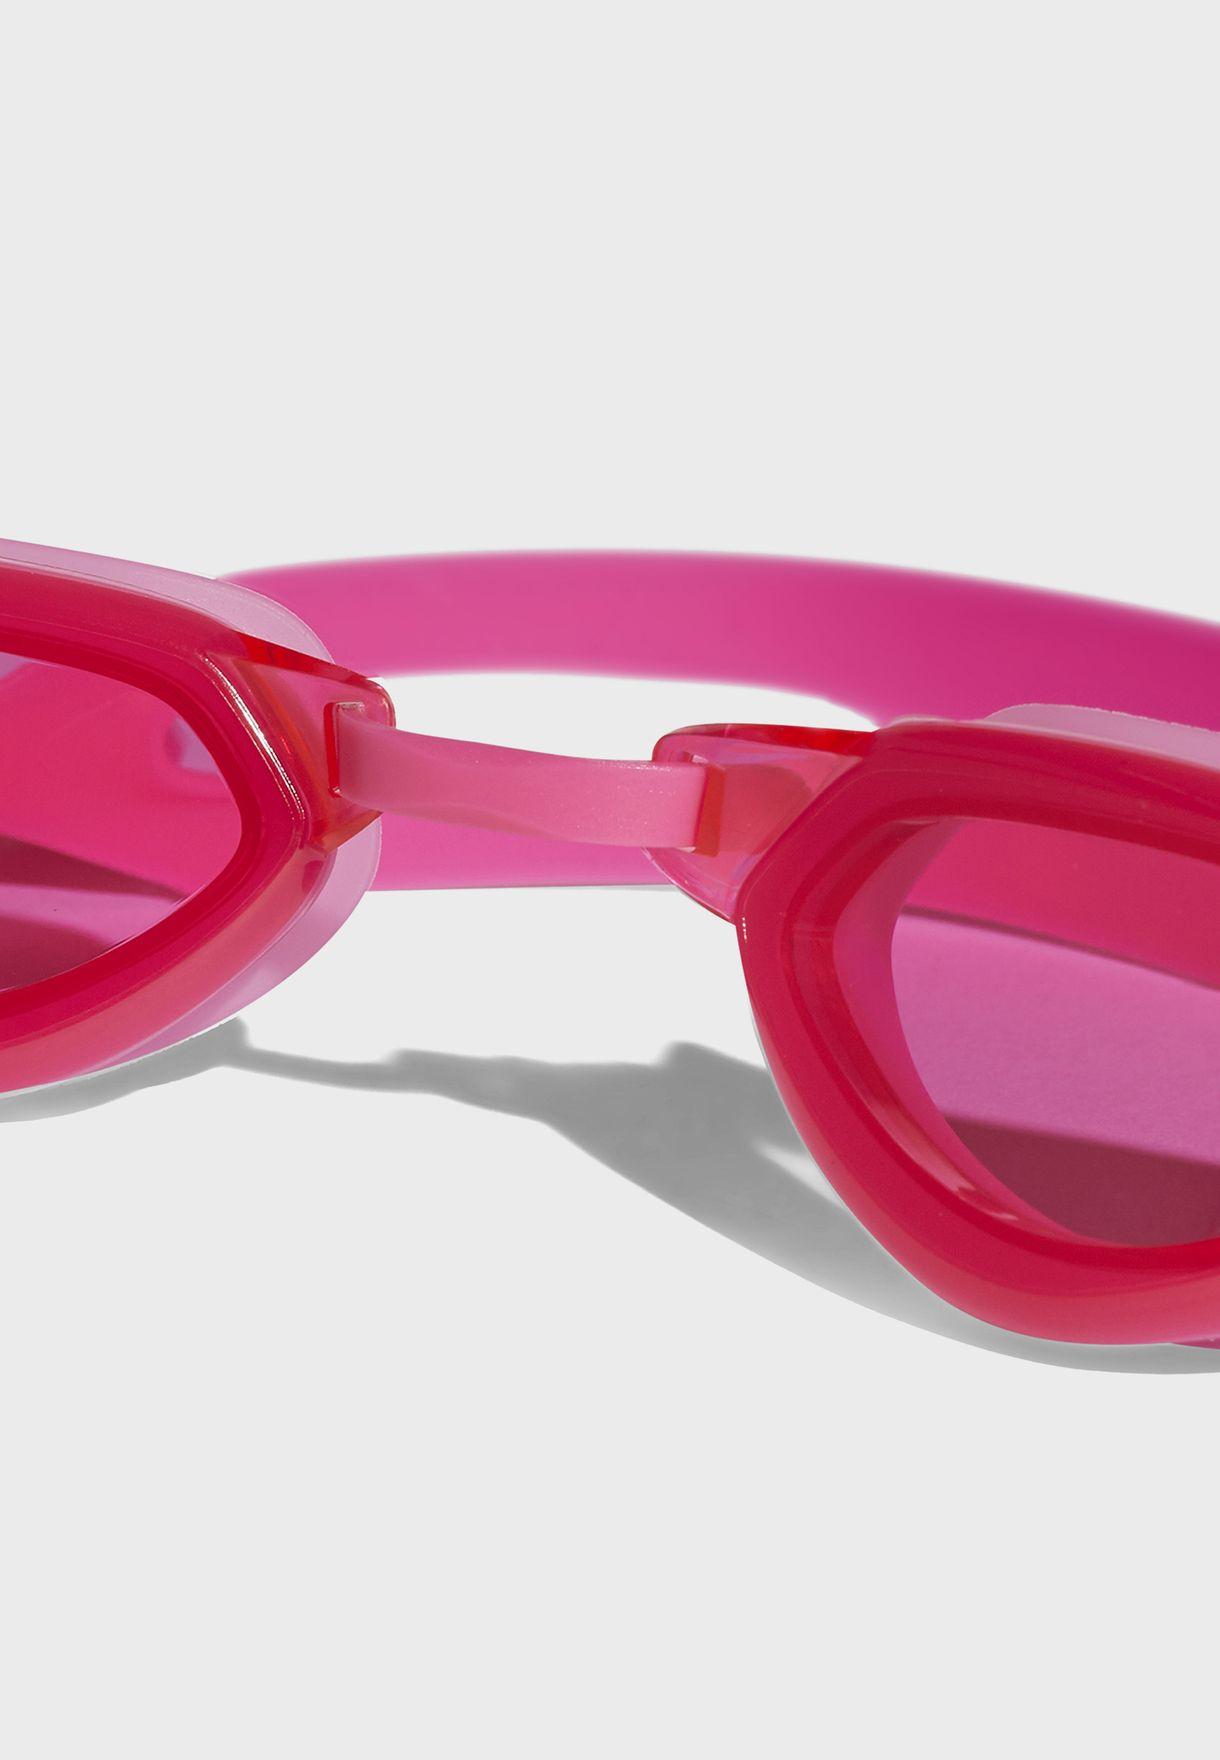 نظارة سباحة بحماية من الشمس